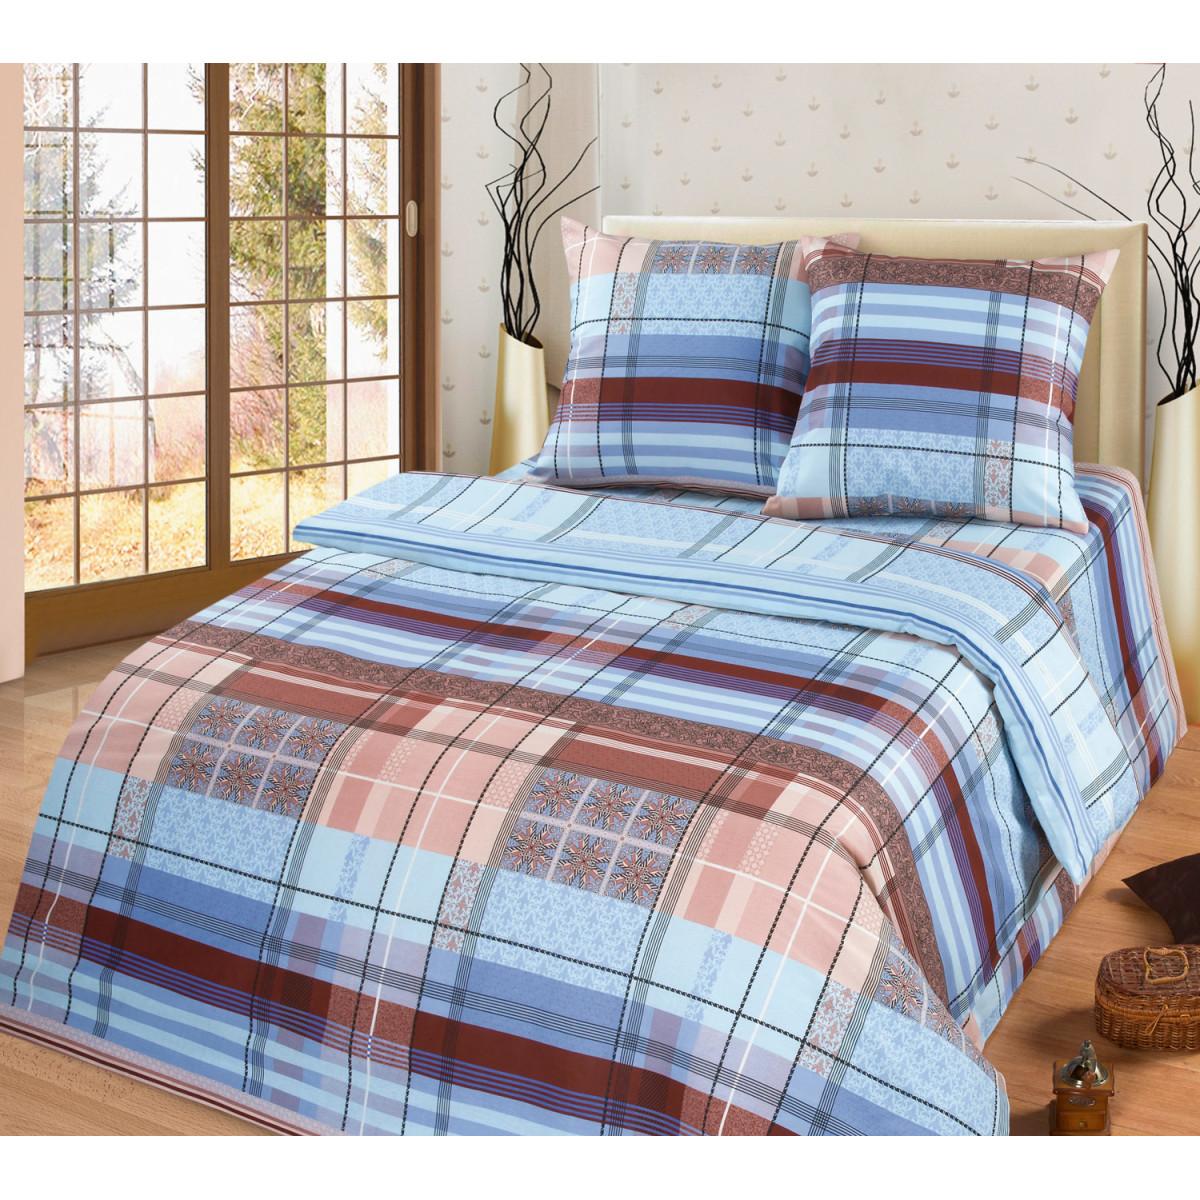 Комплект постельного белья MILANIKA Ромэо двуспальный бязь 70x70 см